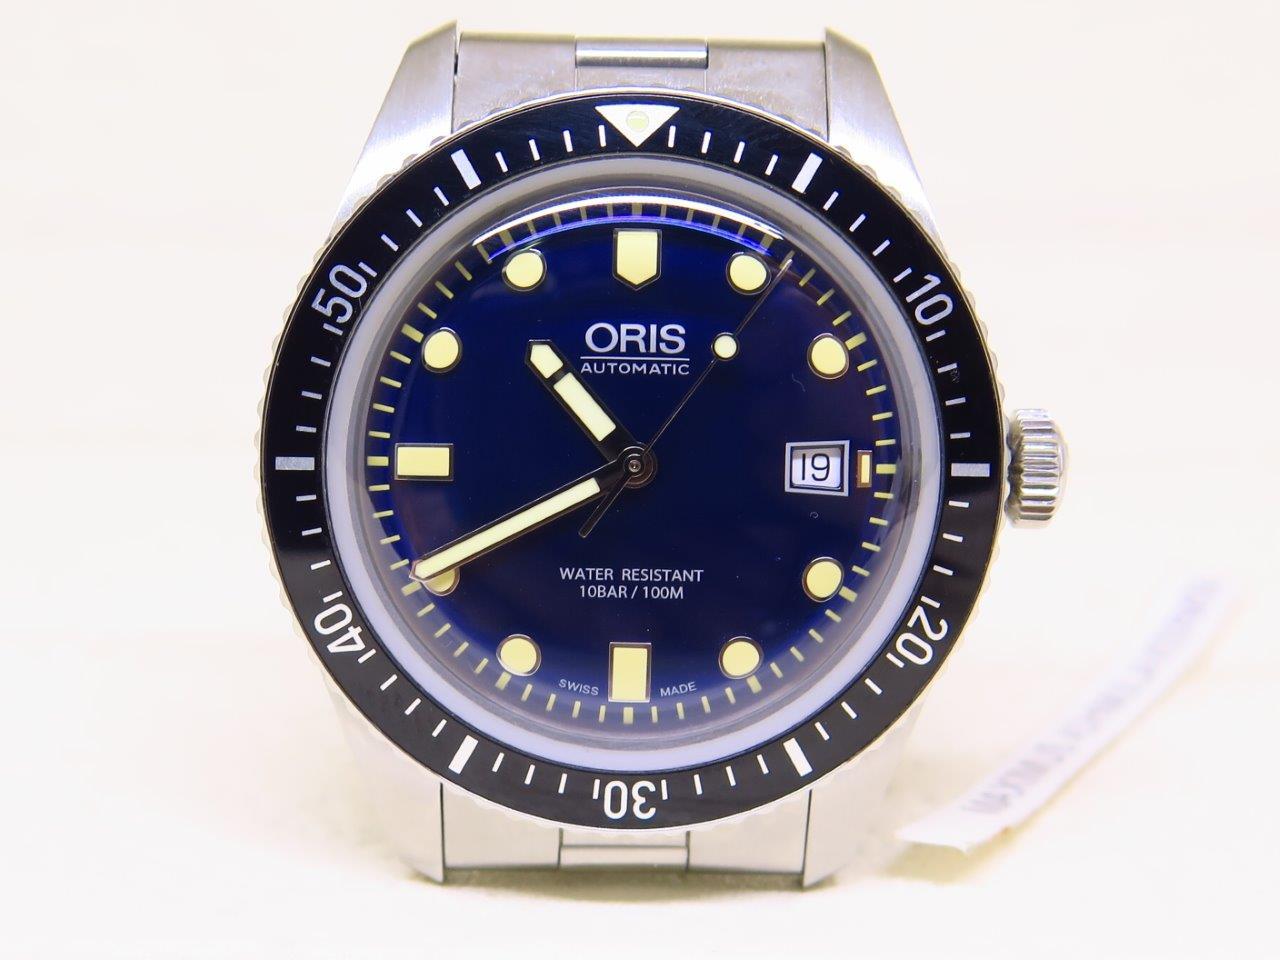 ORIS DIVER 100M BLUE DIAL - AUTOMATIC